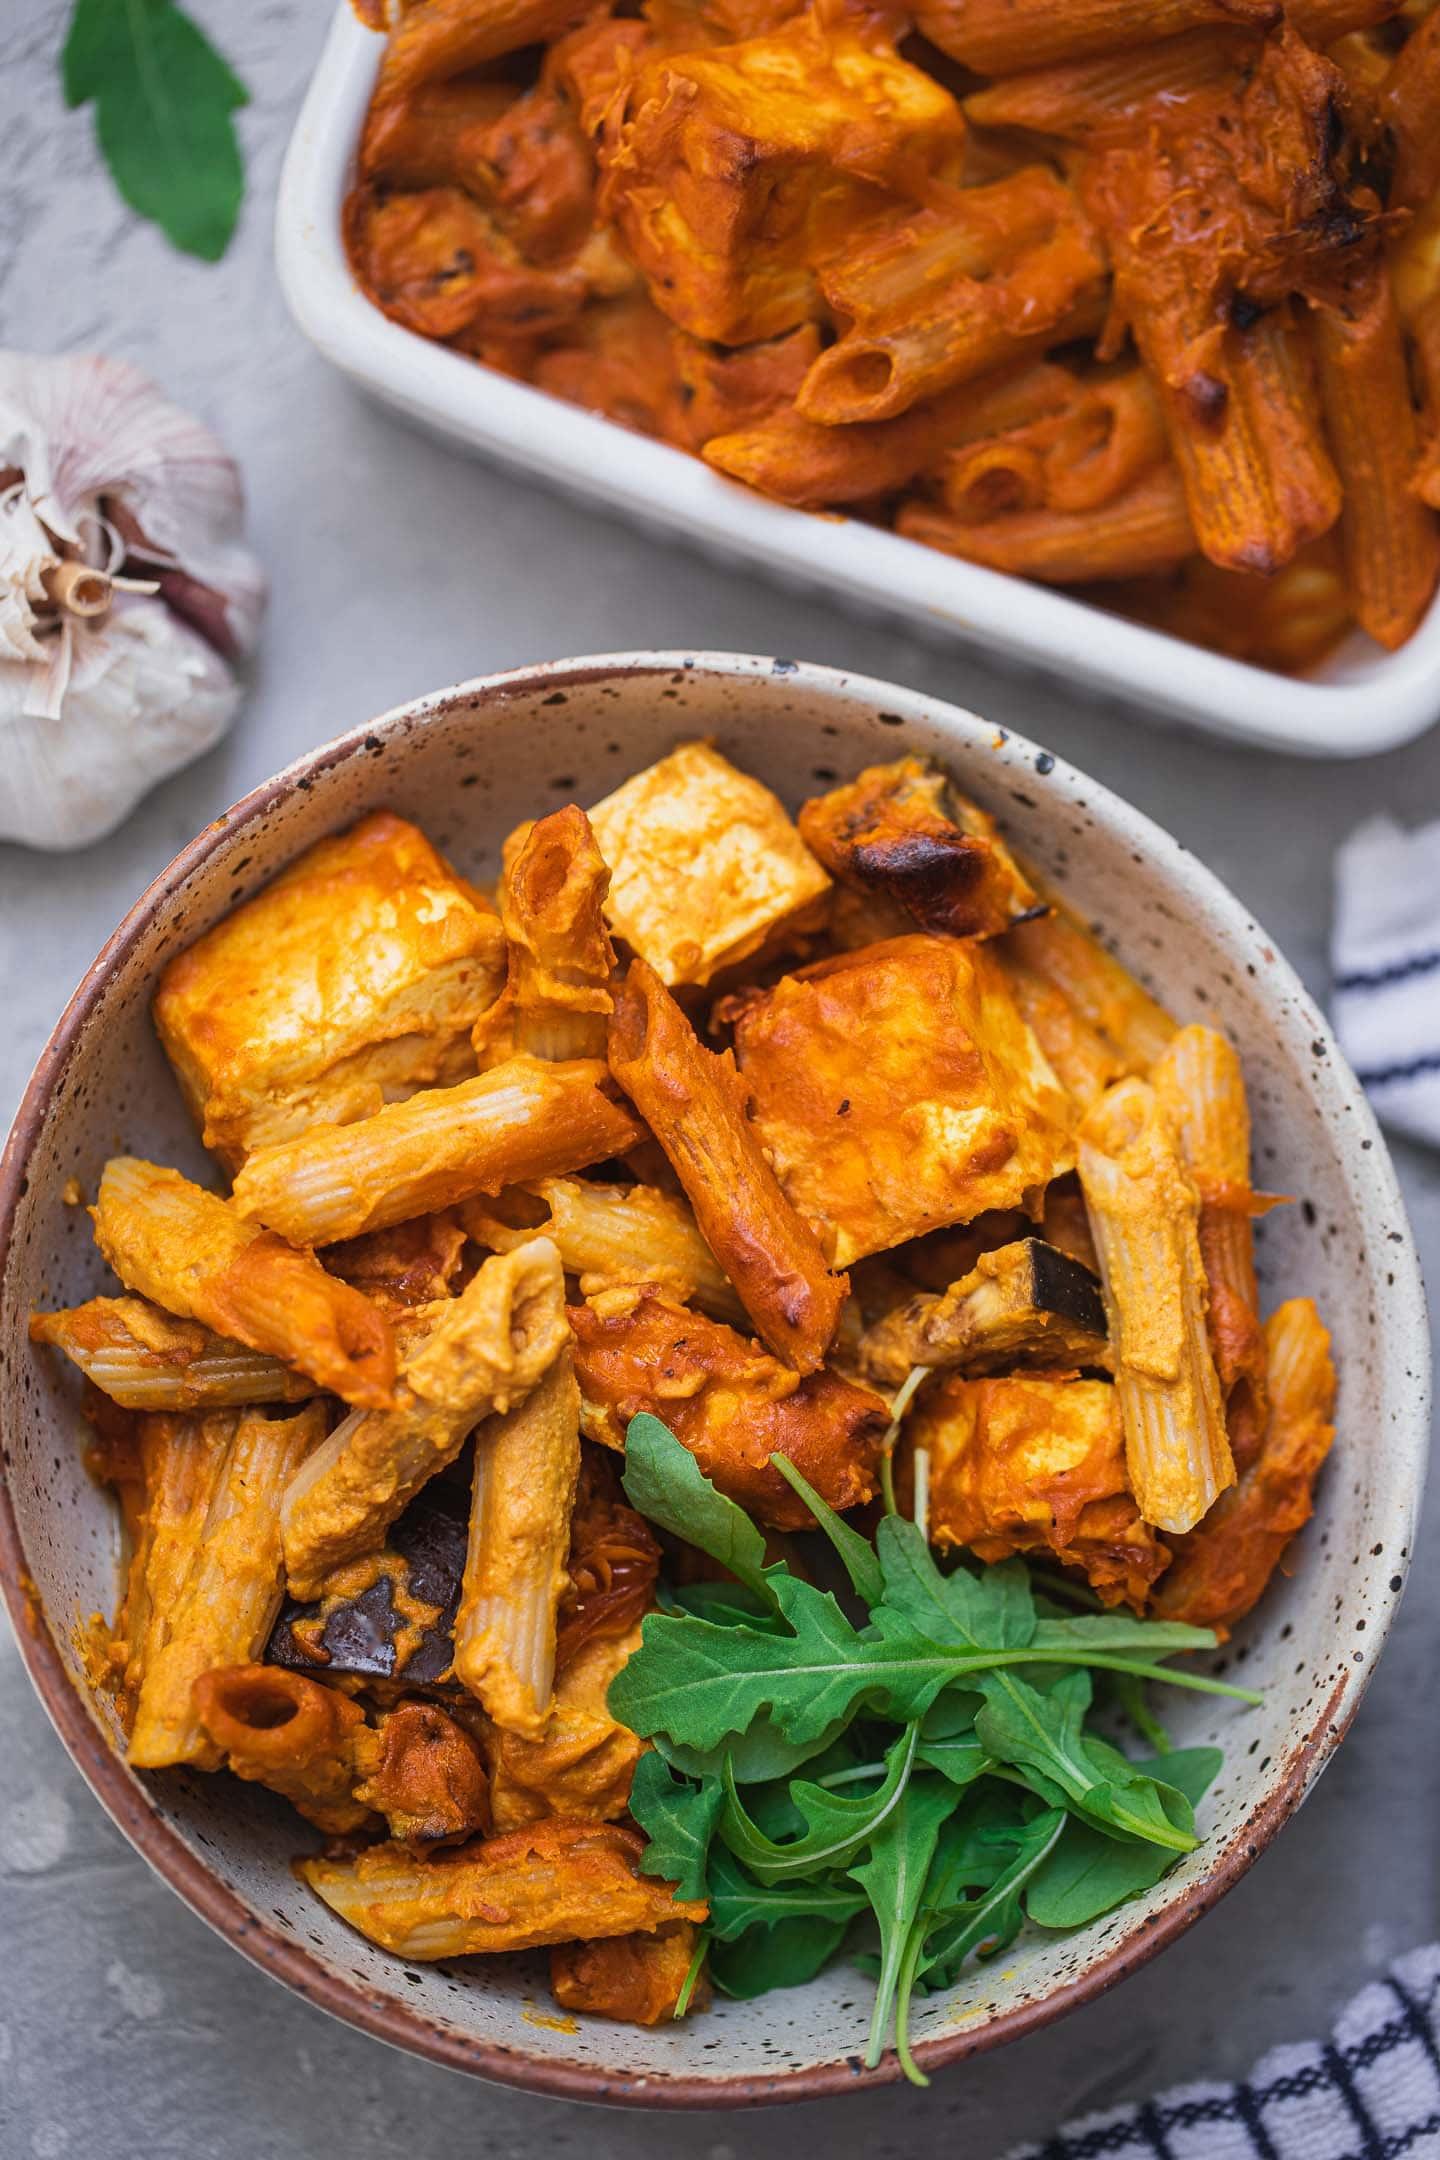 Pasta bake with tofu and aubergine